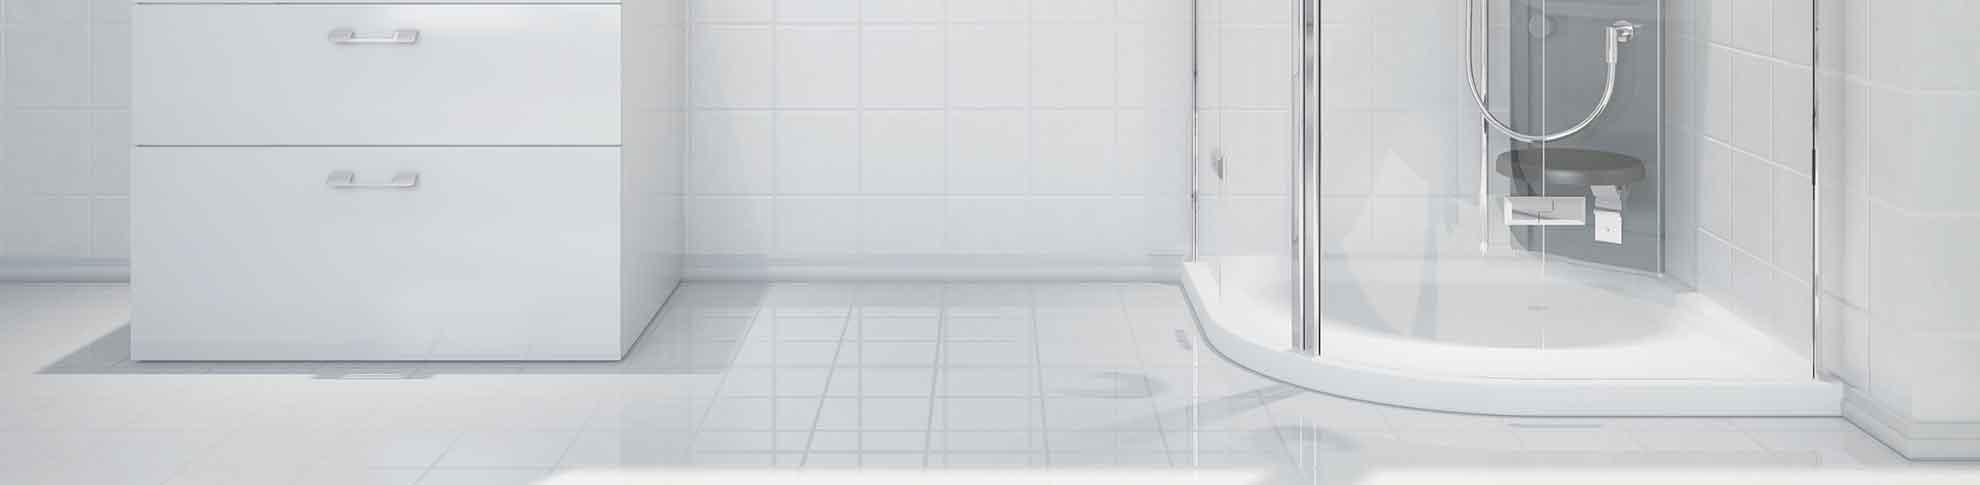 Douchecabine in de badkamer vervangen doe het zelf – Jan Tegel ...